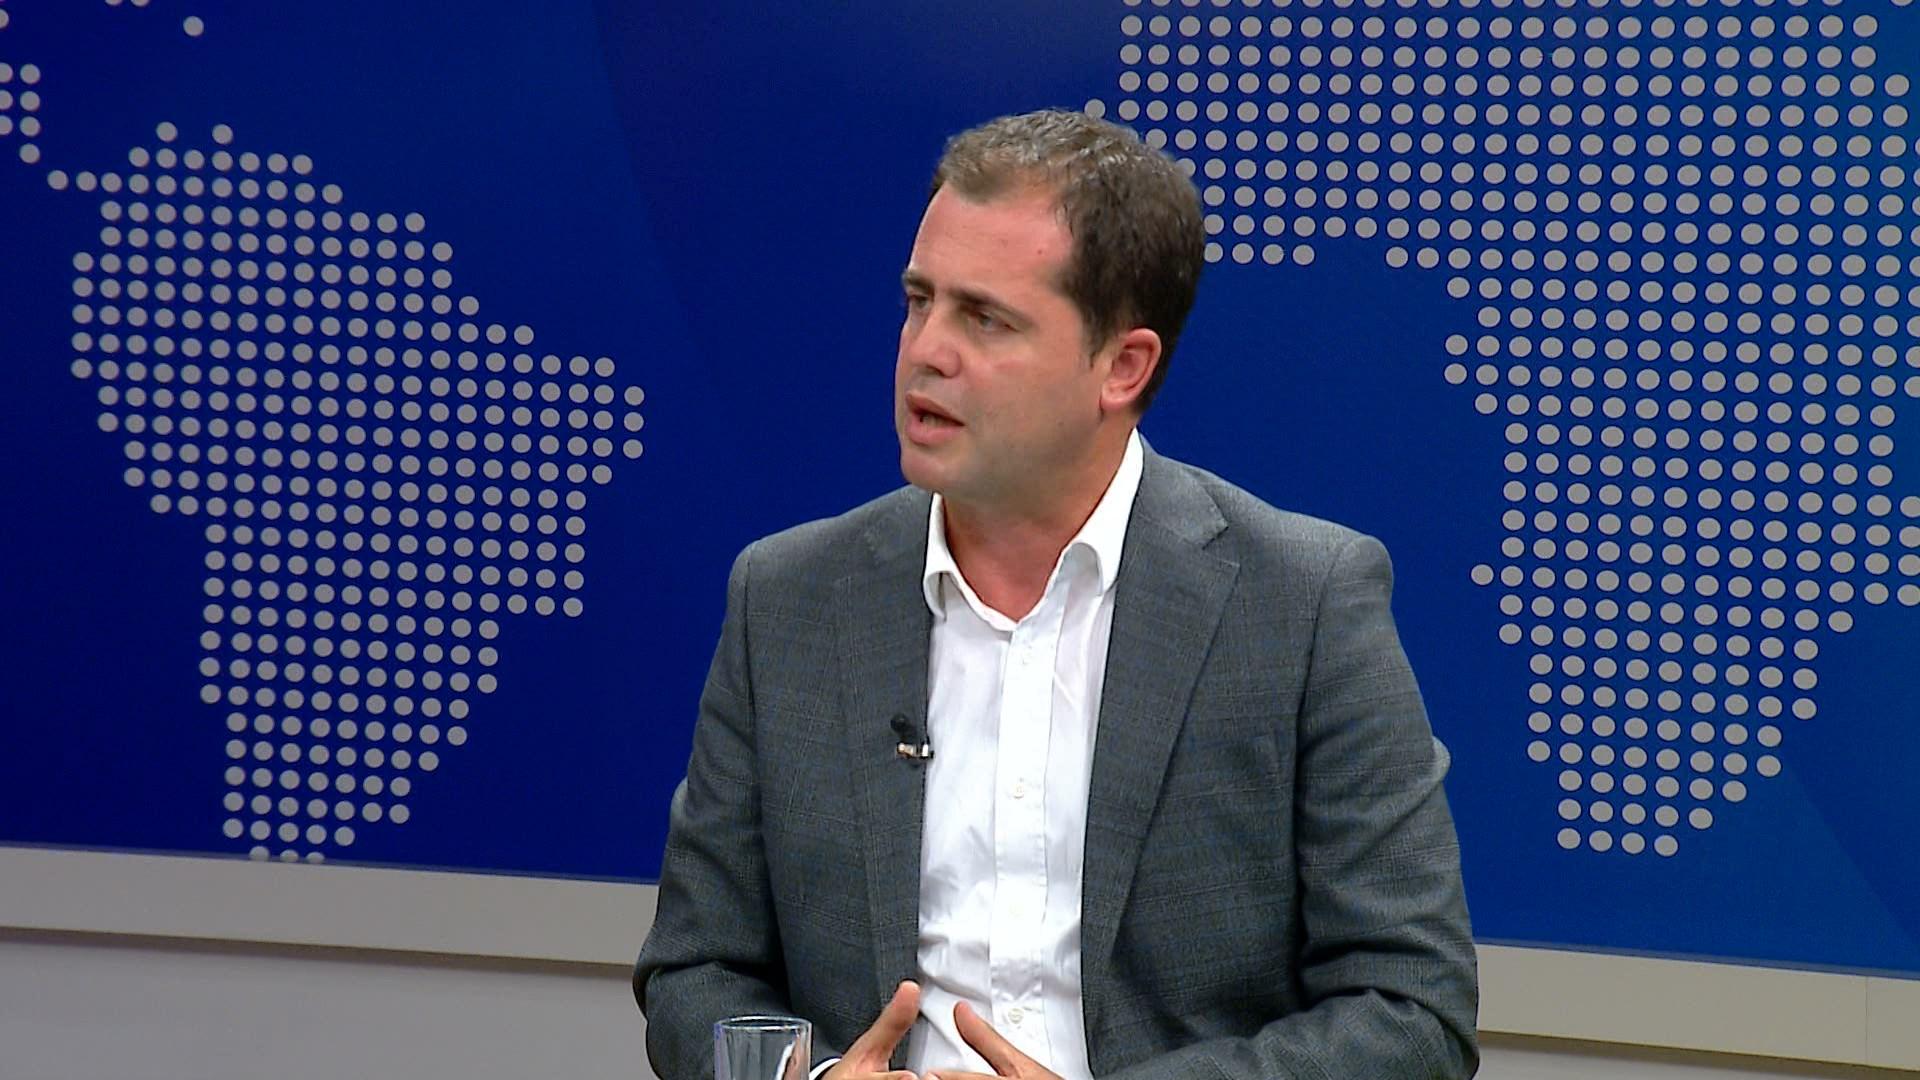 Bylykbashi: Marrëveshje e mundshme edhe me Ramën kryeministër